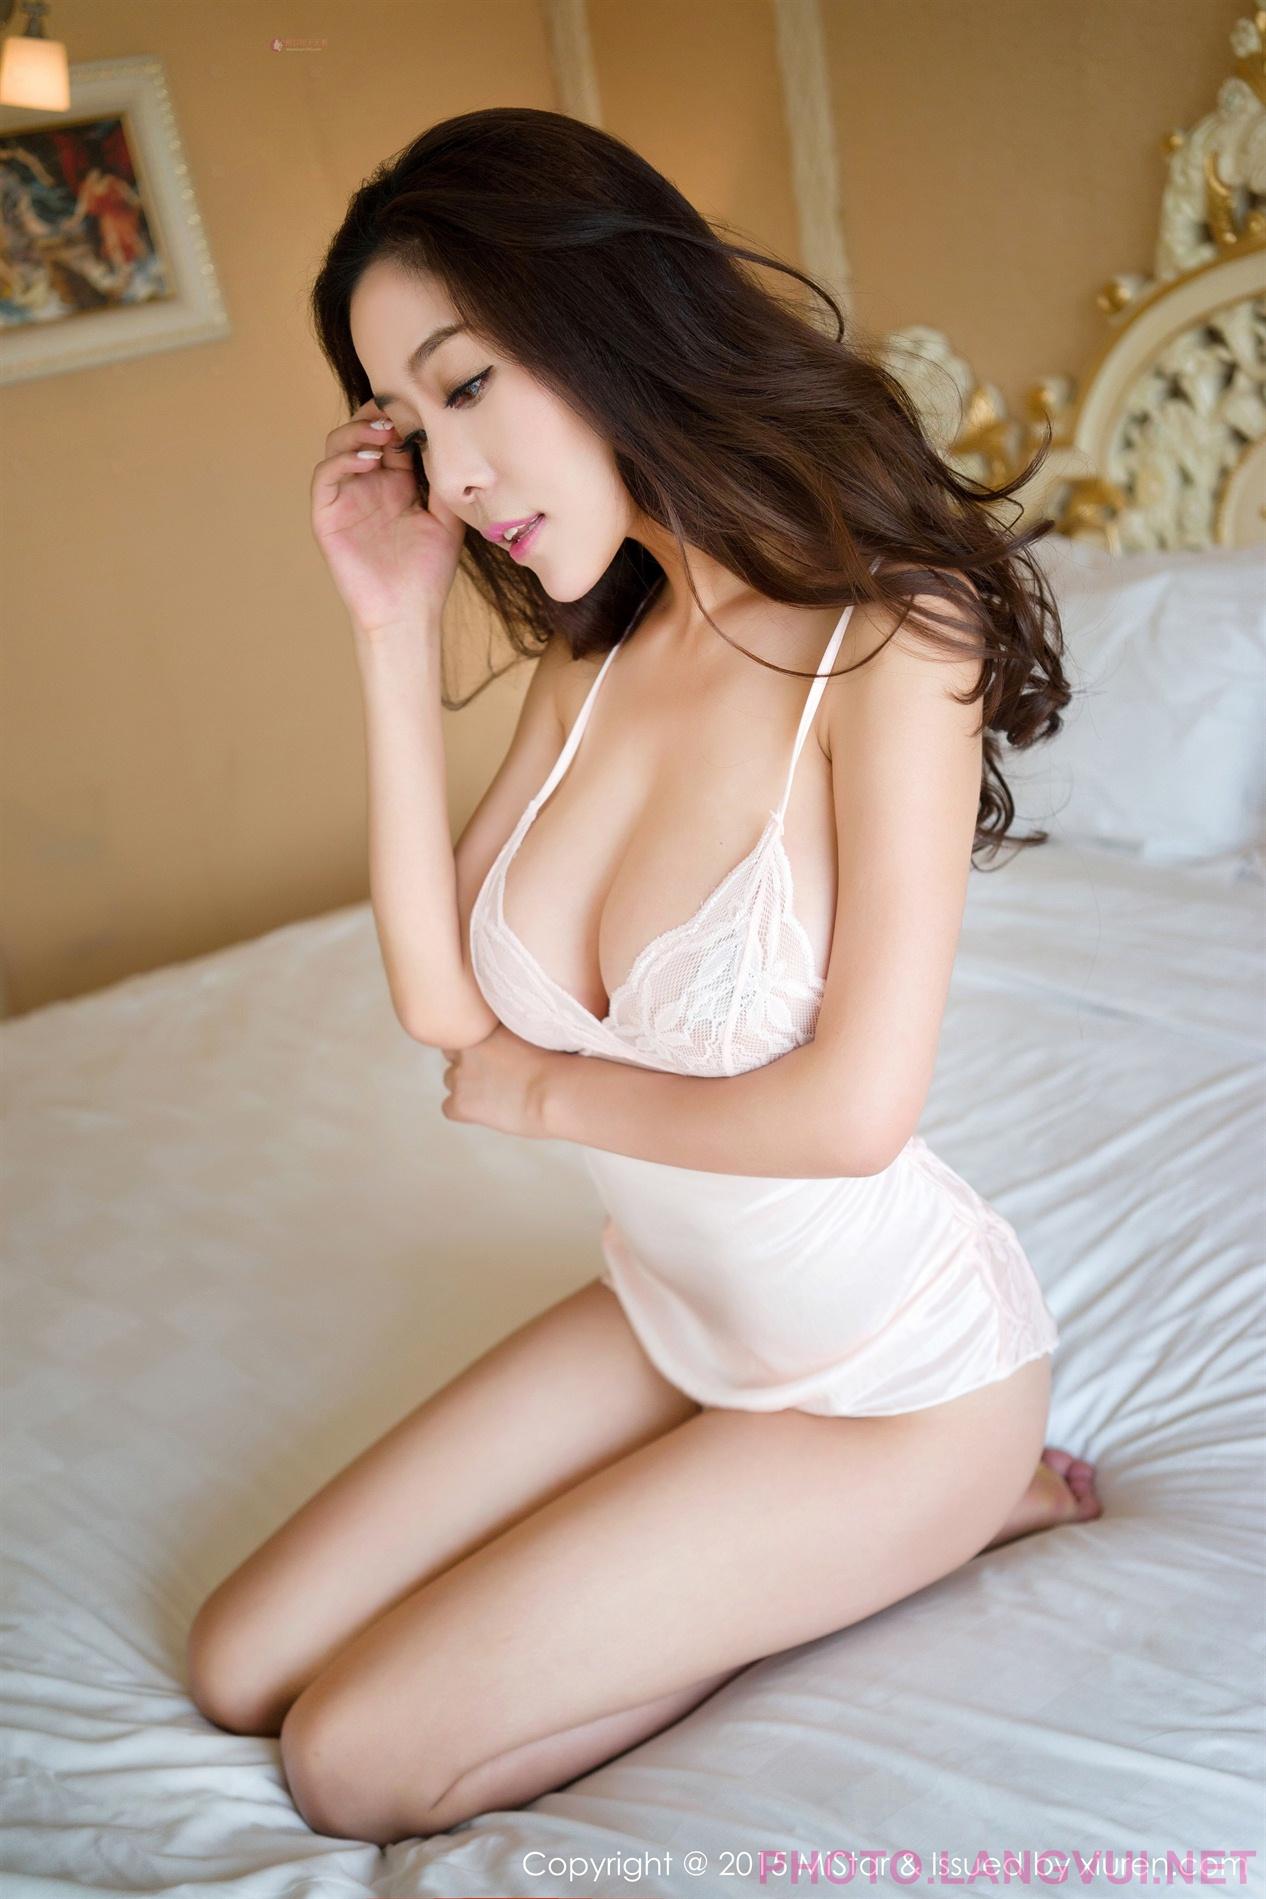 Индивидуалки токио проститутки большая попа